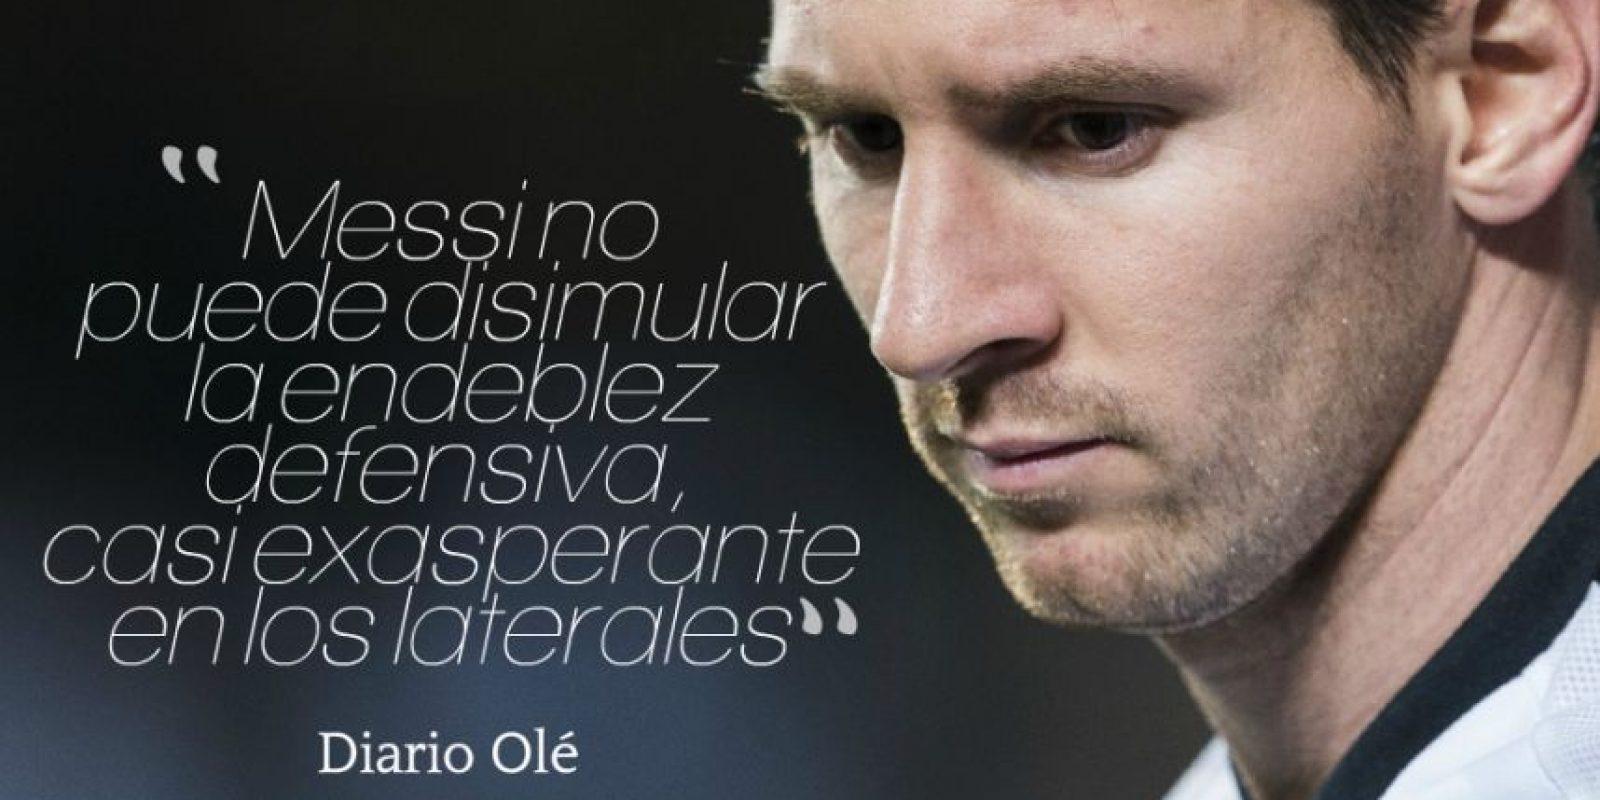 """""""Tantas veces se habló de la necesidad de tener un equipo alrededor de Messi que al final no jugó alrededor de ninguno. Messi no puede disimular la endeblez defensiva, casi exasperante en los laterales"""". Foto:Getty Images"""